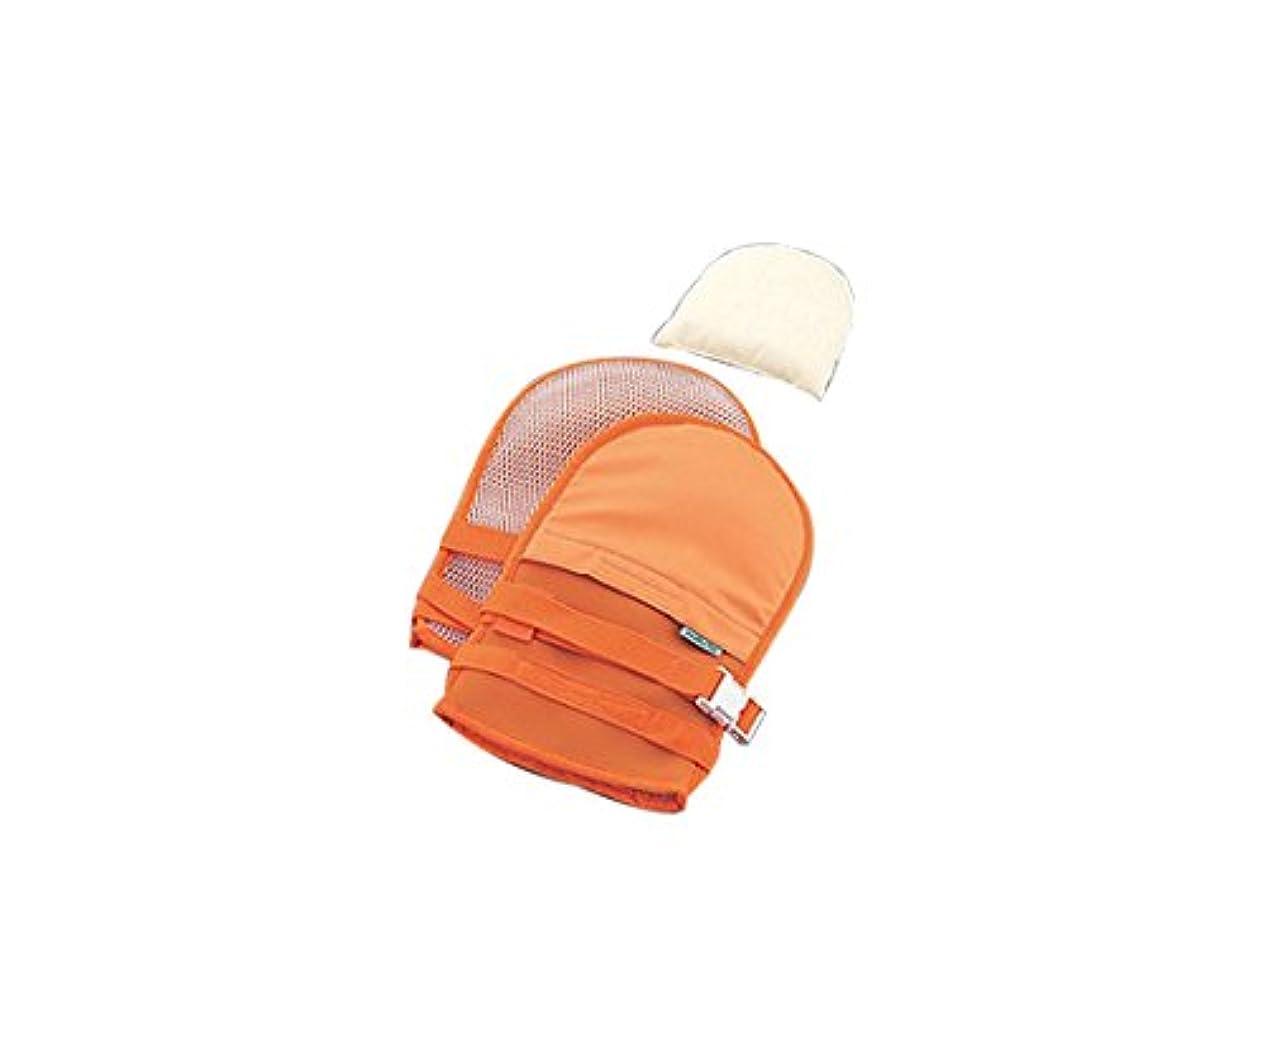 中庭クラウン竜巻ナビス(アズワン)0-1638-43抜管防止手袋小メッシュオレンジ